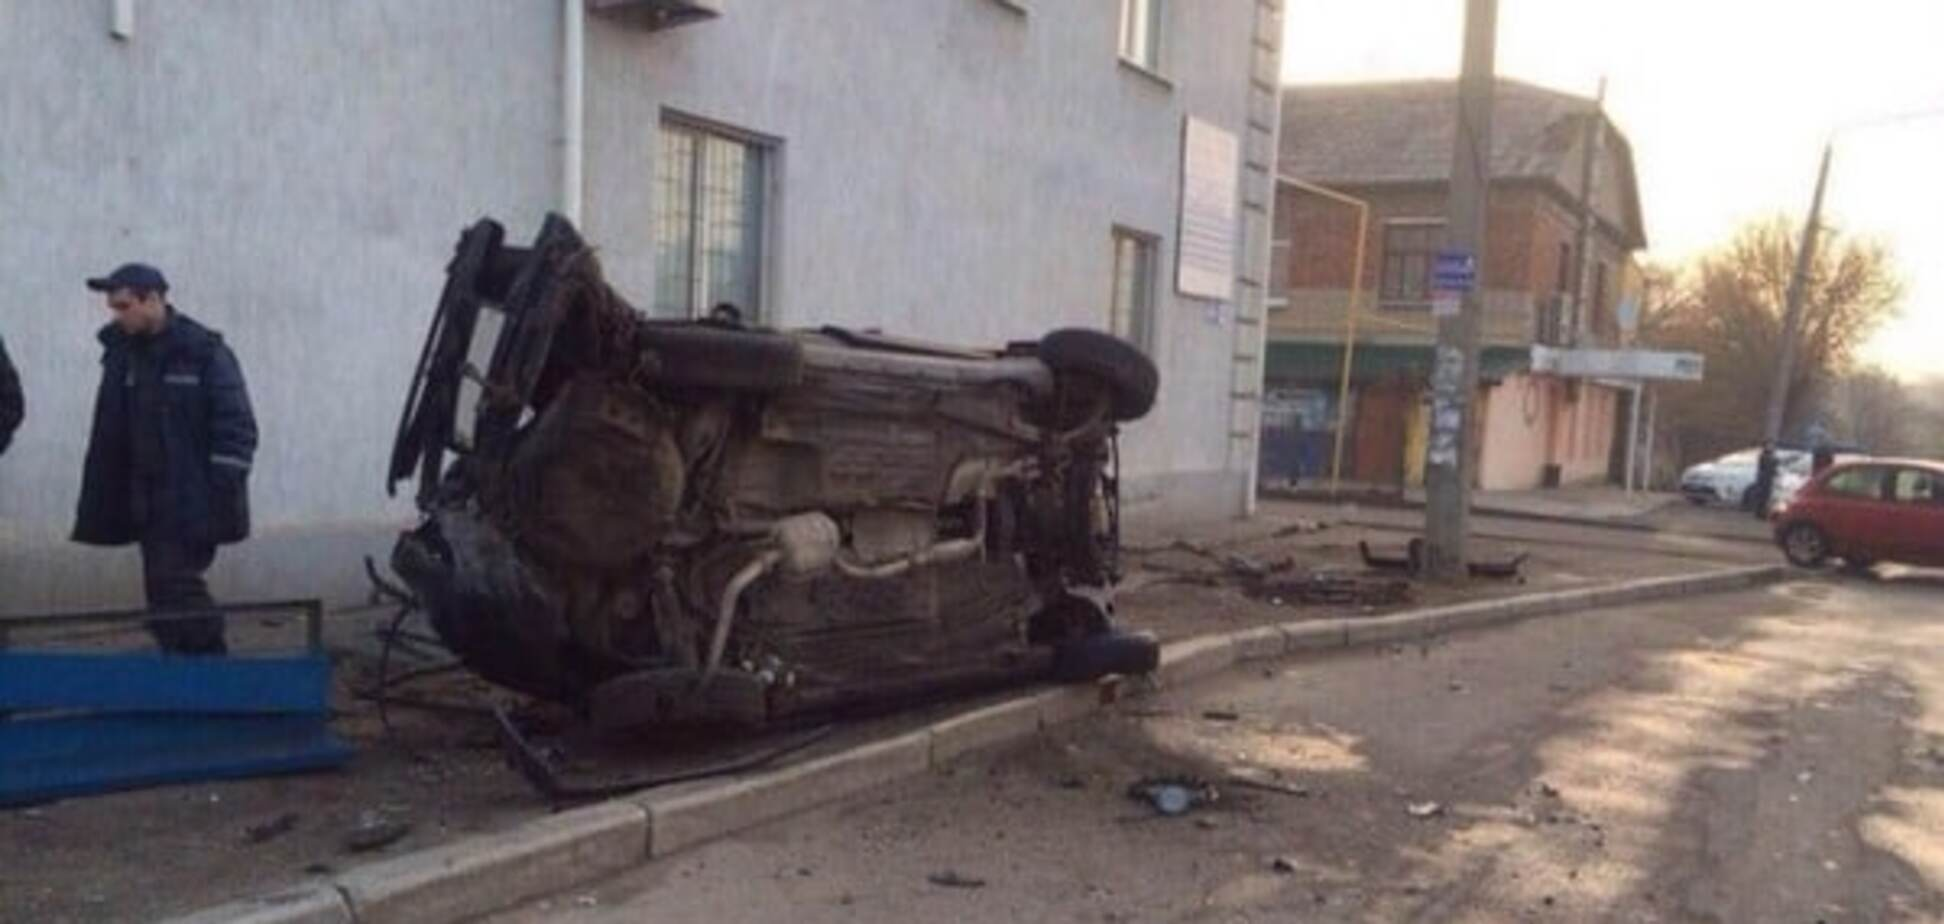 Машина розбита вщент і госпіталізація: у Харкові п'яний водій влетів у бордюрний камінь. Фотофакт